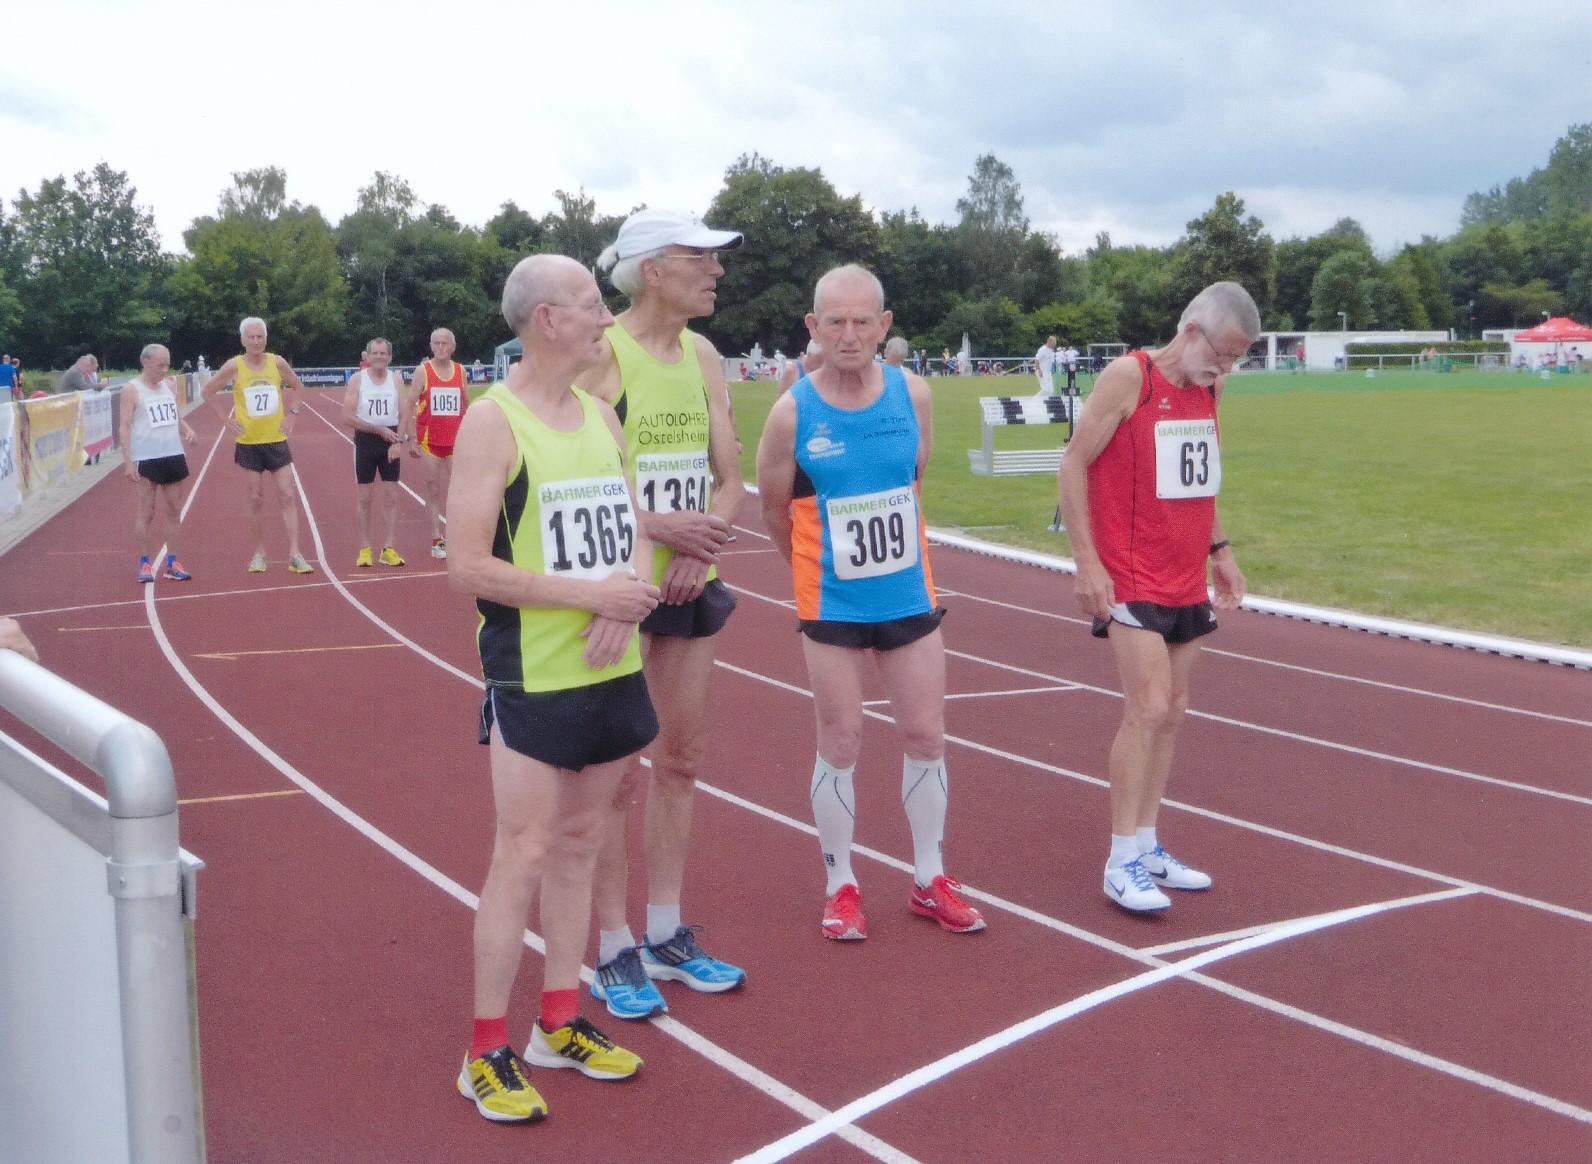 Edmund Schlenker (2.), Wolfgang Nehring (1.), Ewald Türk (4.) und Ulrich Becker (3.) vor dem Start des 5000m-Laufs der Senioren M70